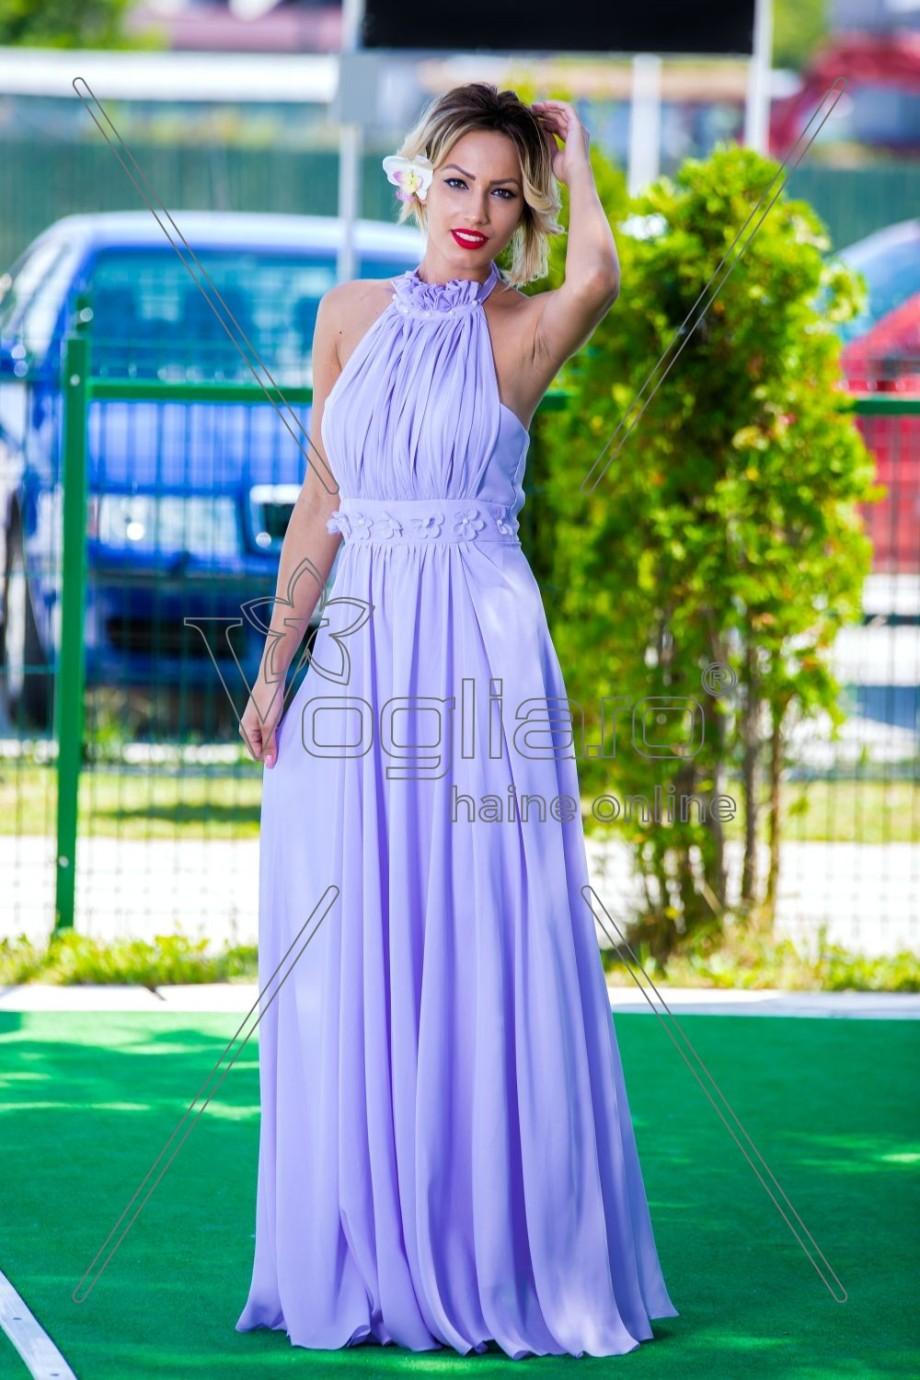 rochie-din-voal-lila-cu-perle-la-gat-1501744230-4